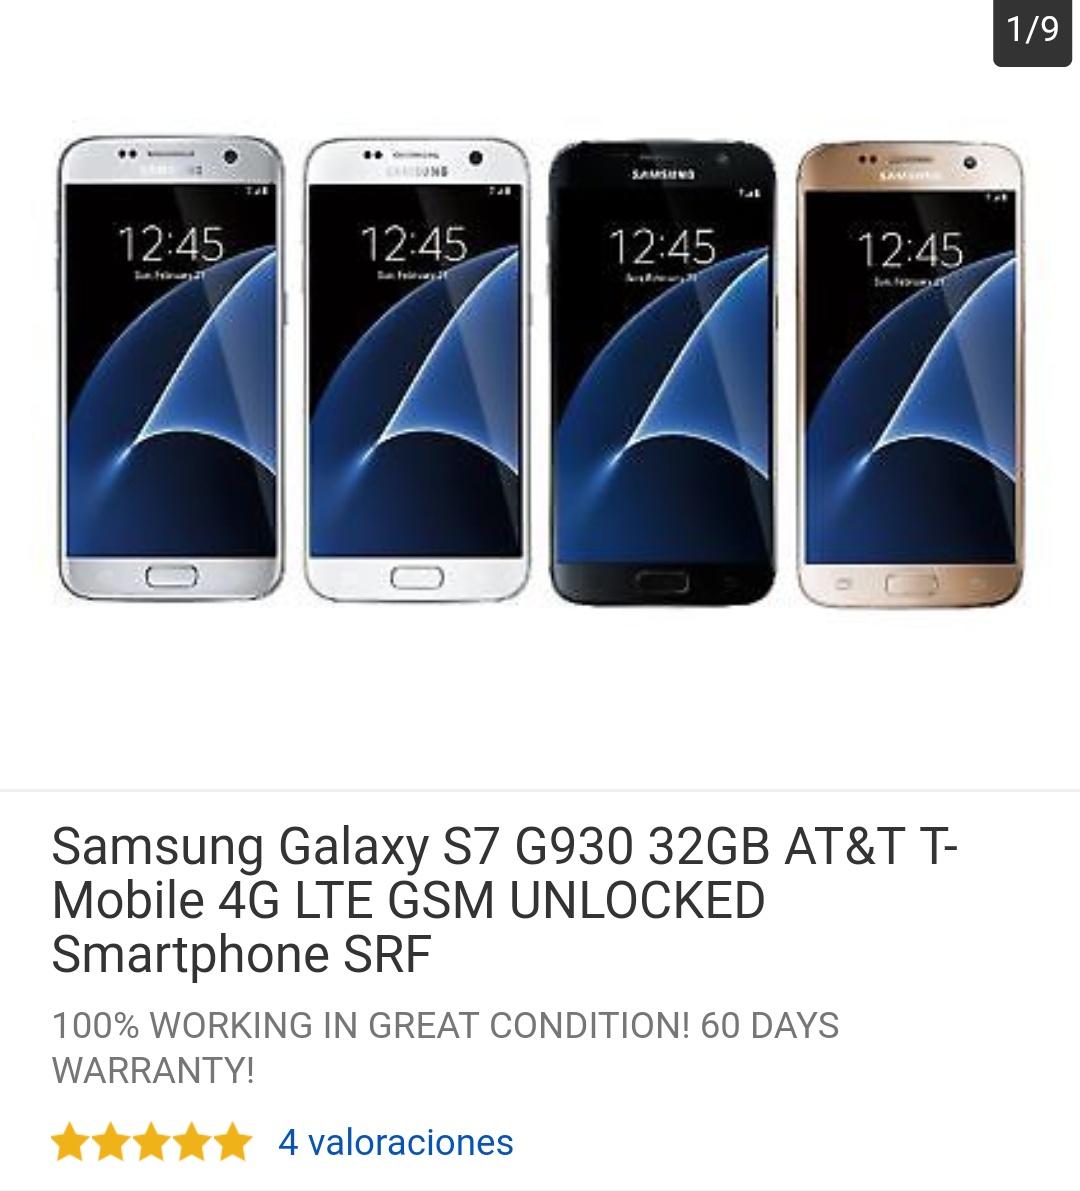 Ebay: Samsung Galaxy S7 G930 32GB AT&T T-Mobile 4G LTE GSM UNLOCKED (precio incluyendo envío)